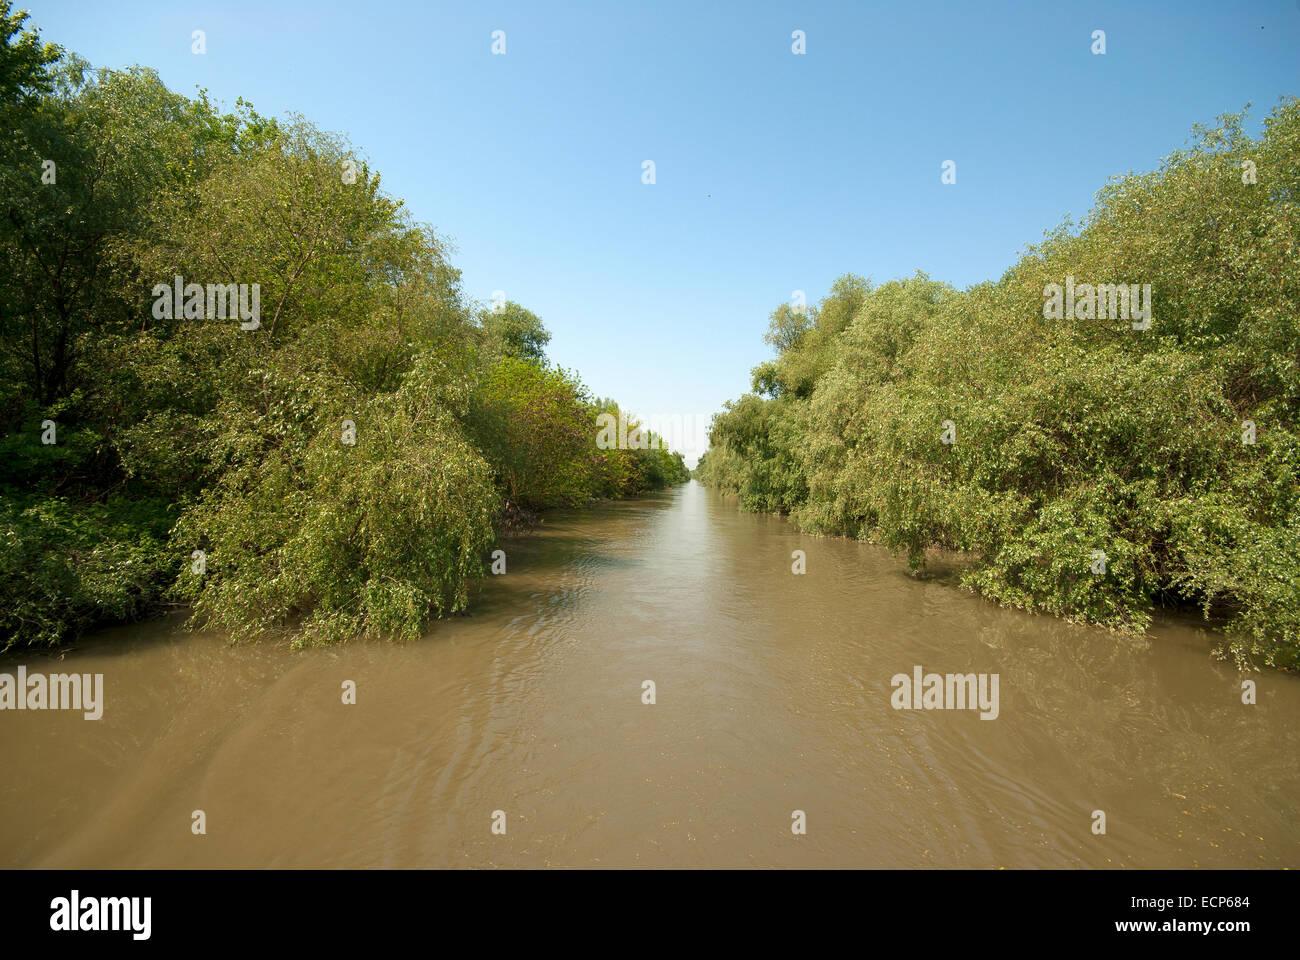 Danube delta, Unesco World Heritage Site, Romania, Europa - Stock Image